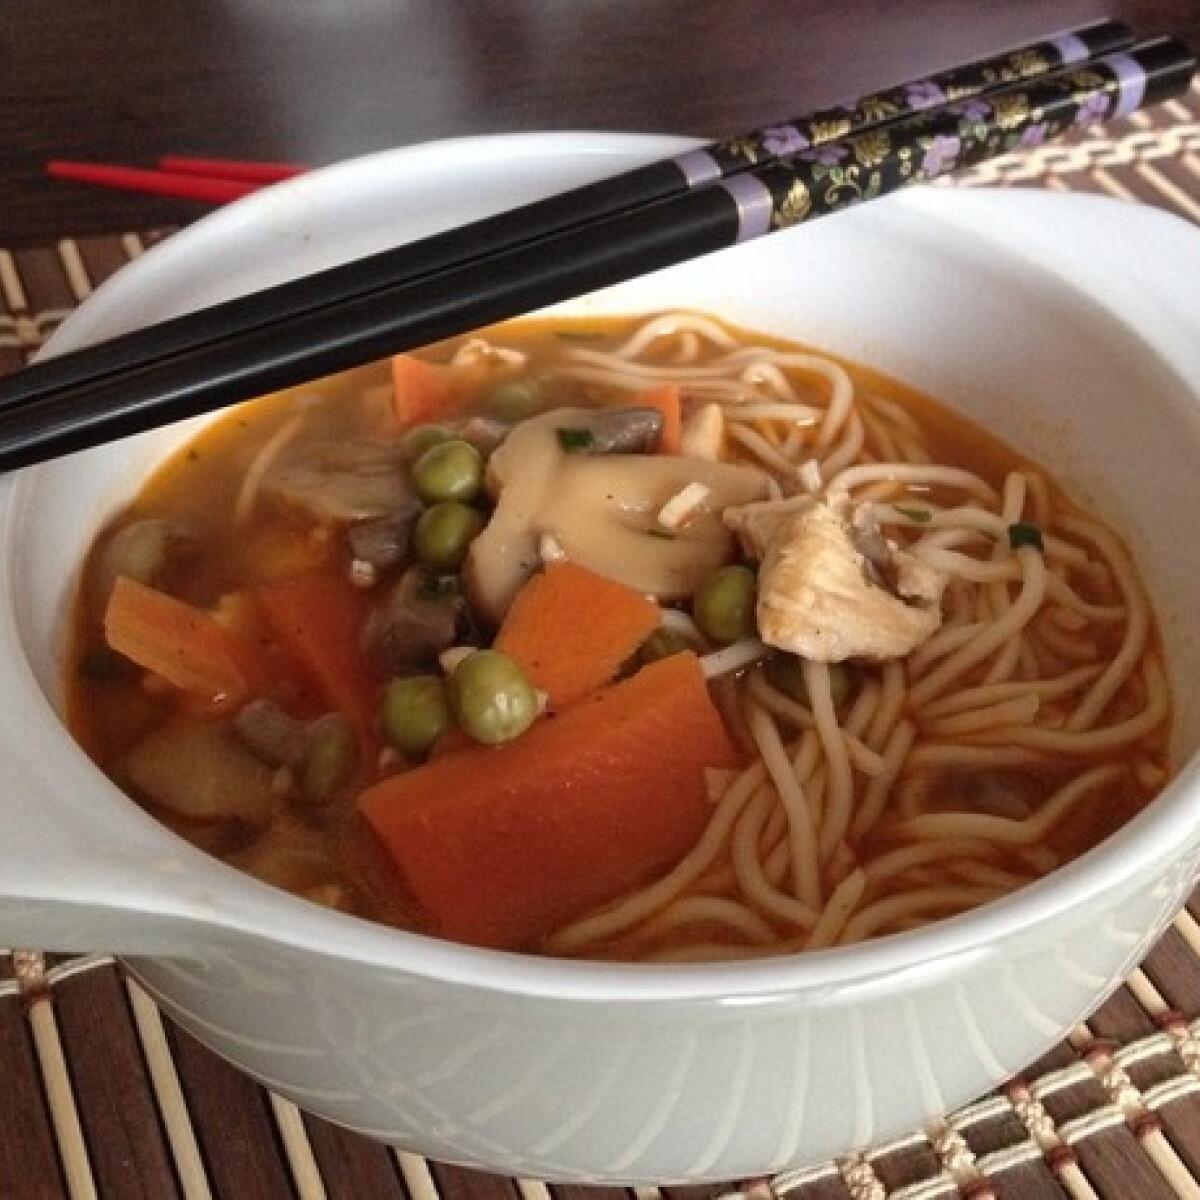 Ezen a képen: Gyors kínai leves Laura konyhájából